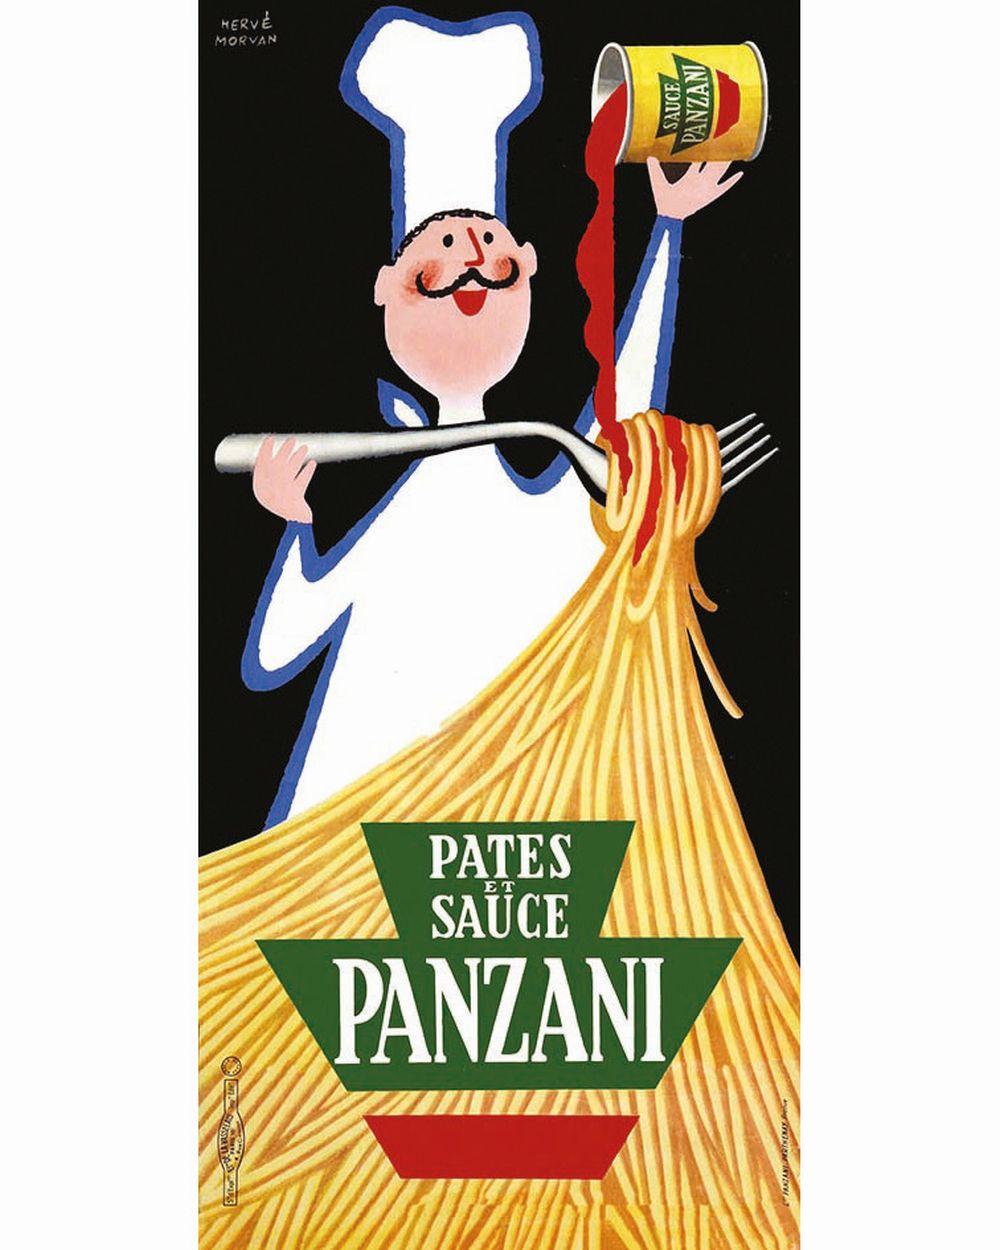 MORVAN HERVE - Panzani Pates et Sauce     vers 1950